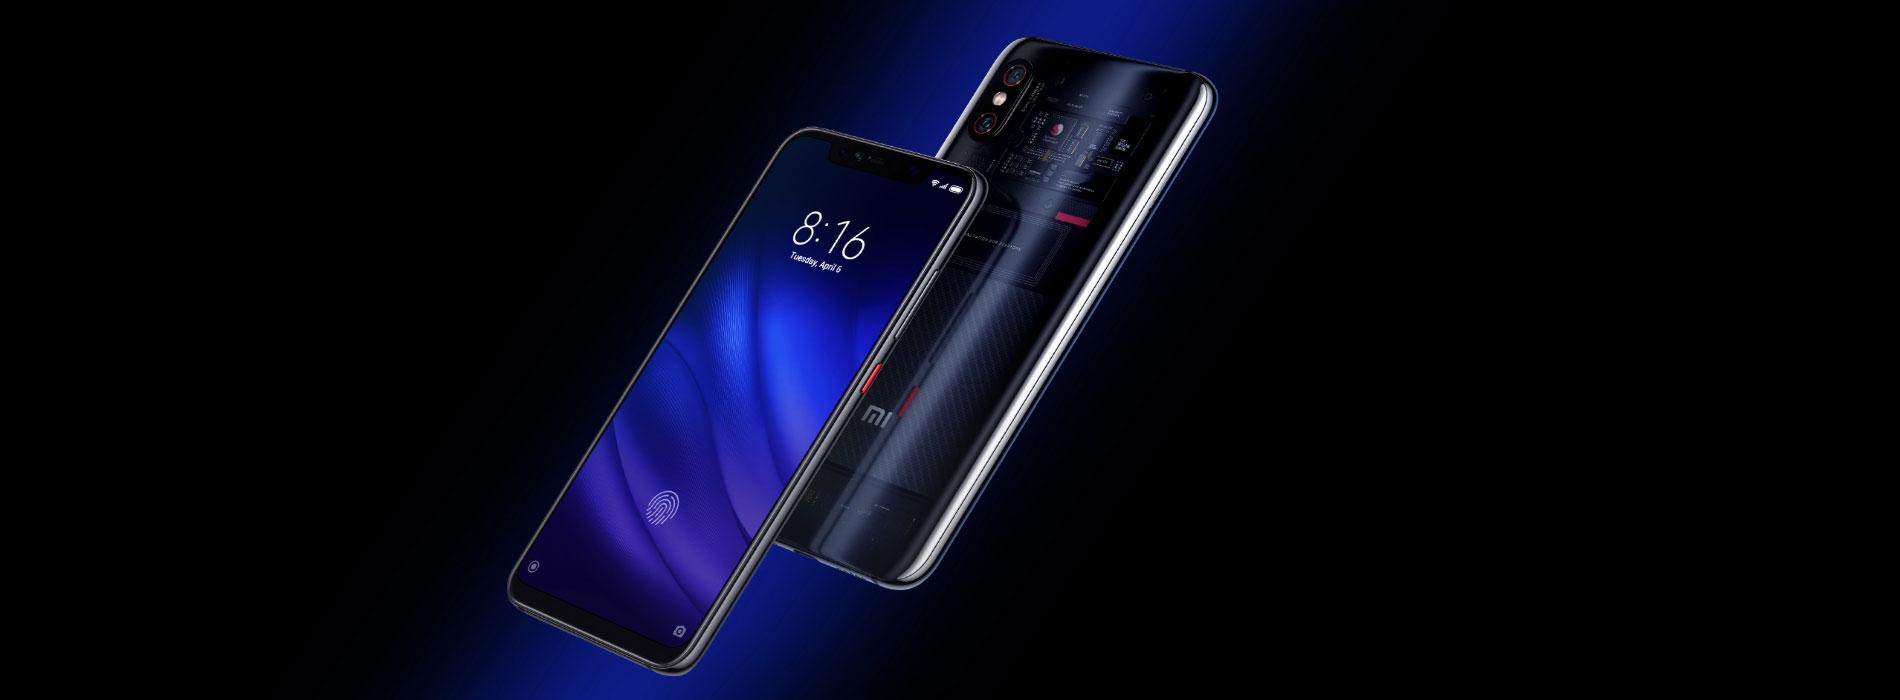 Análise: Xiaomi Mi 8 Pro: Um excelente celular que deveria ter uma duração de bateria melhor